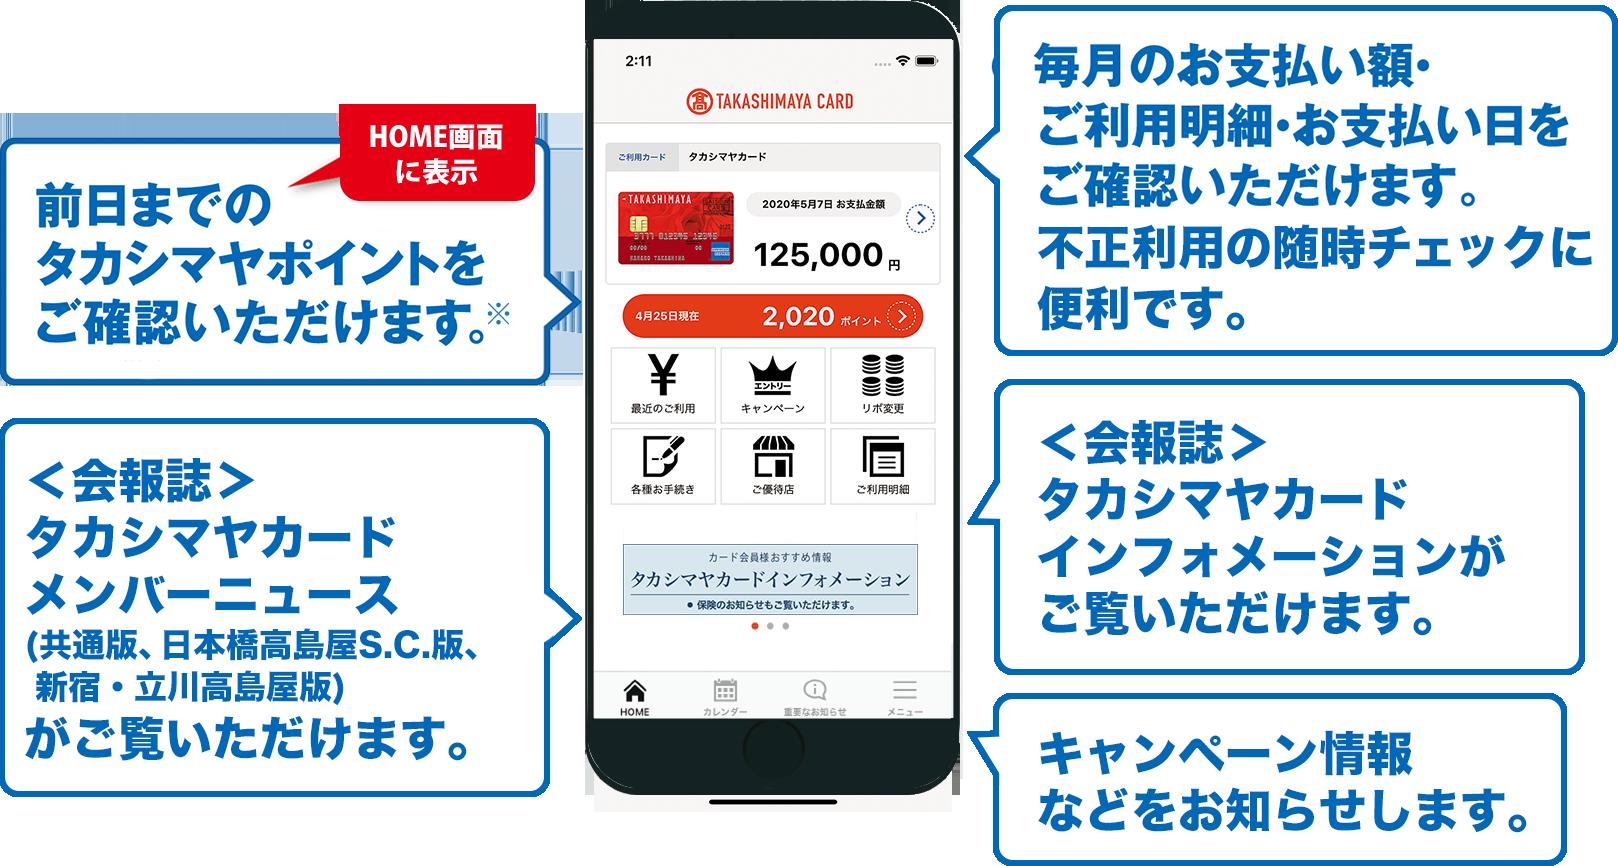 高島屋 ネット アンサー Netアンサーの登録・変更 高島屋カード(TAKASHIMAYA...